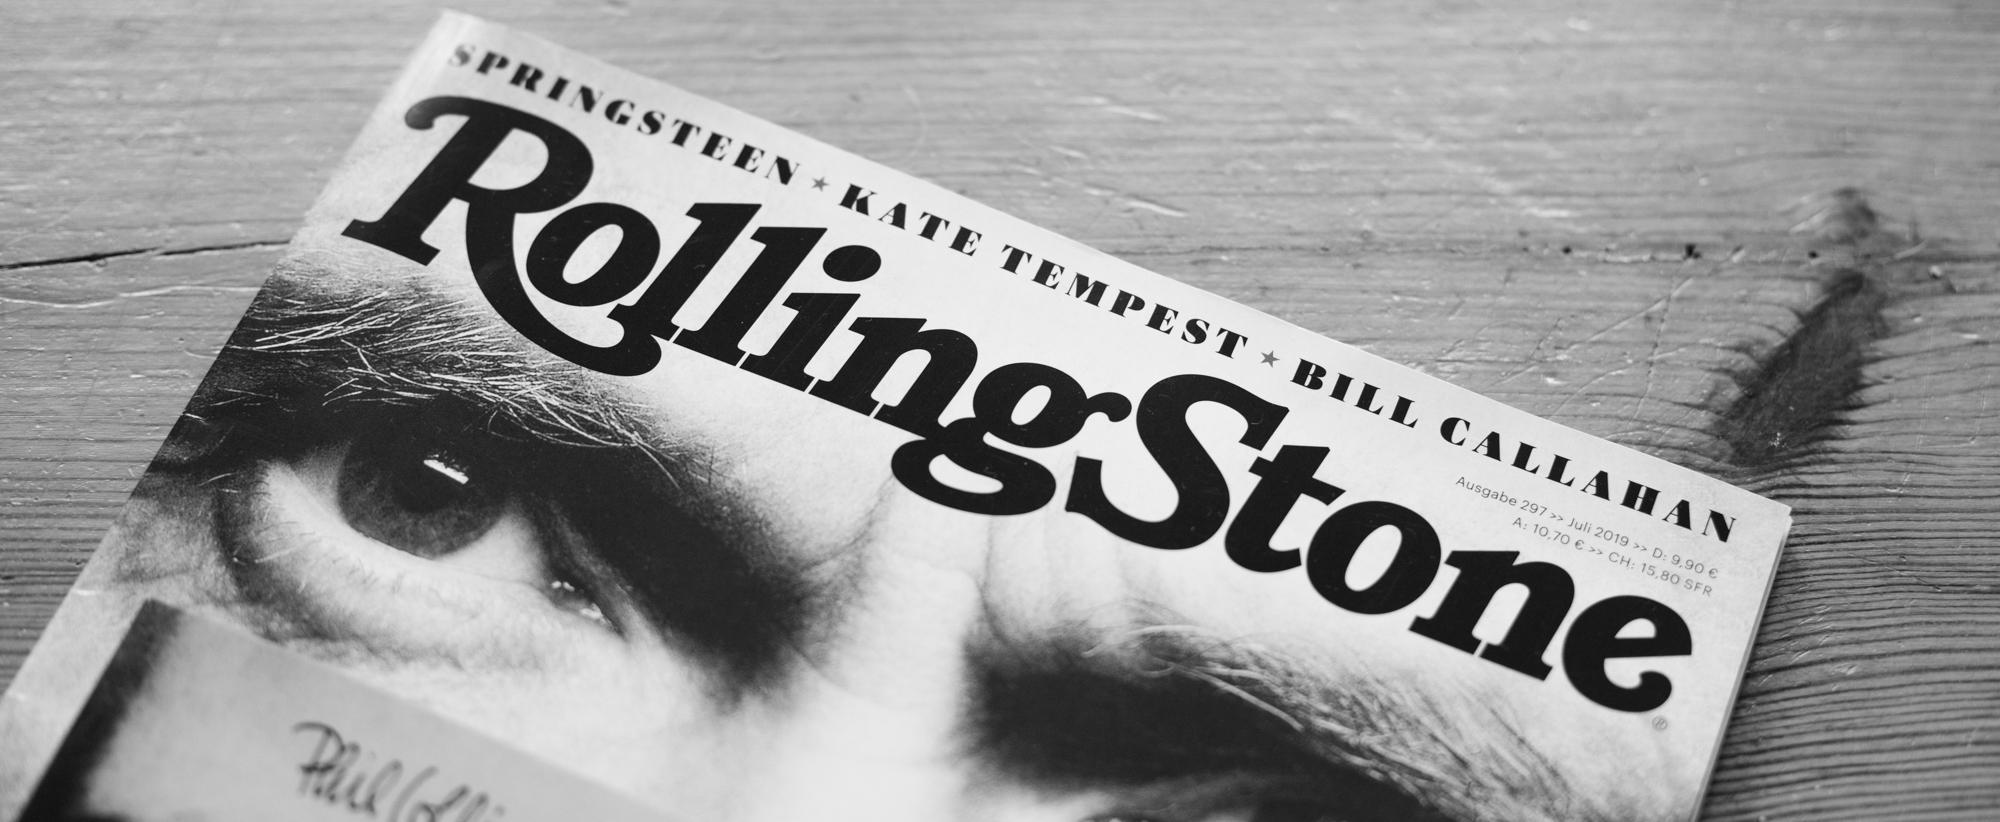 SERKIS_ROLLING_STONE_KARASEK_COVER.JPG